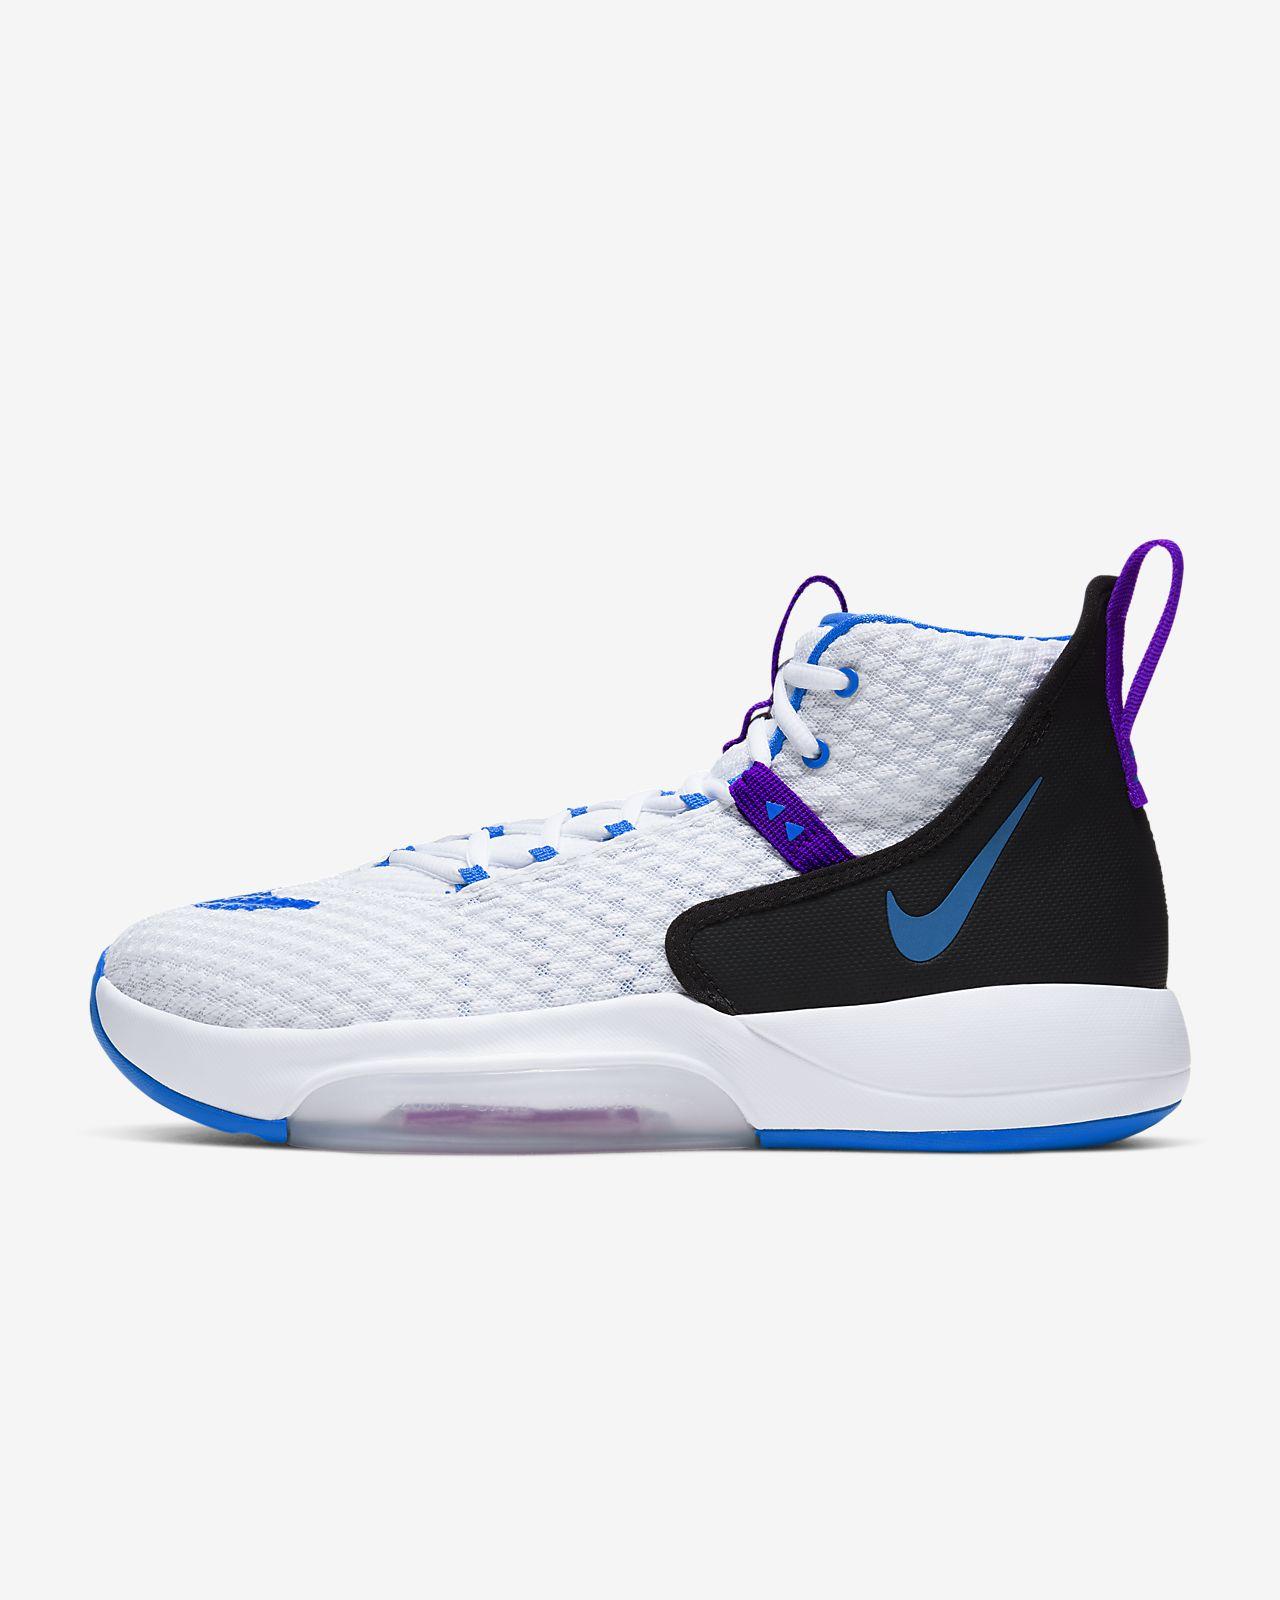 Nike Zoom Rize kosárlabdacipő